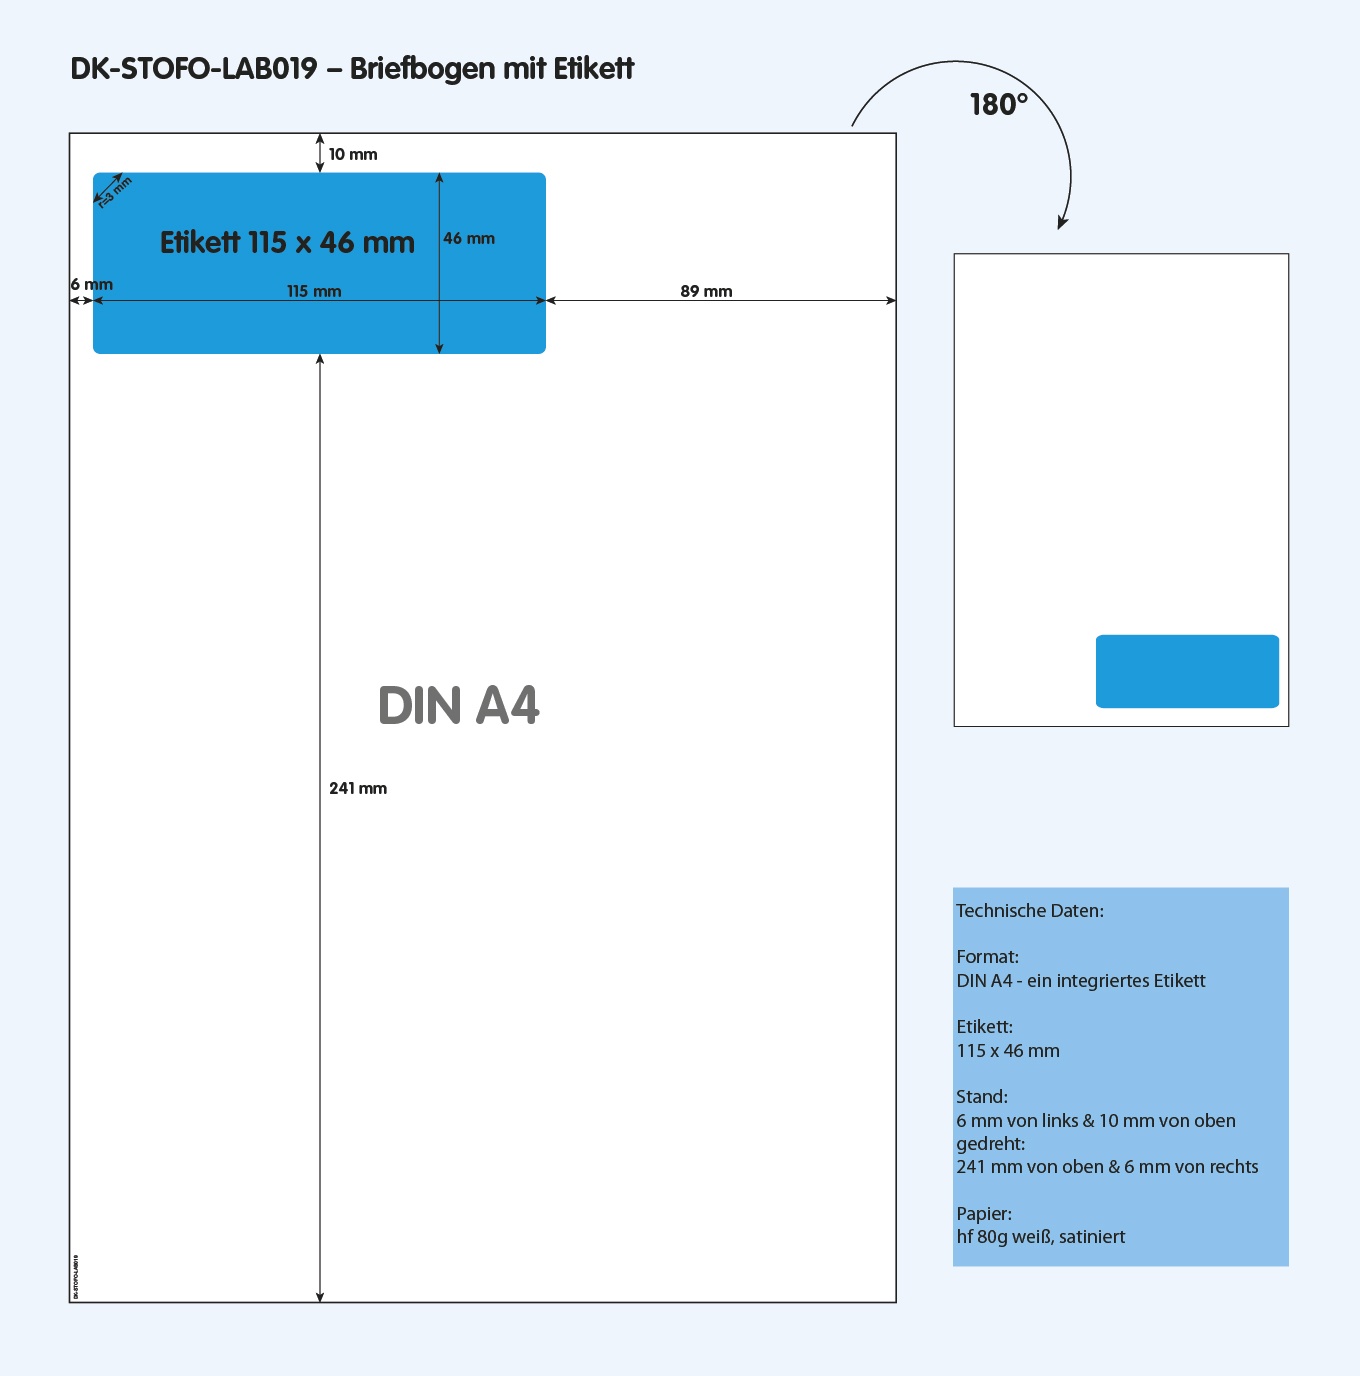 DK-STOFO-LAB019 - technische Zeichnung